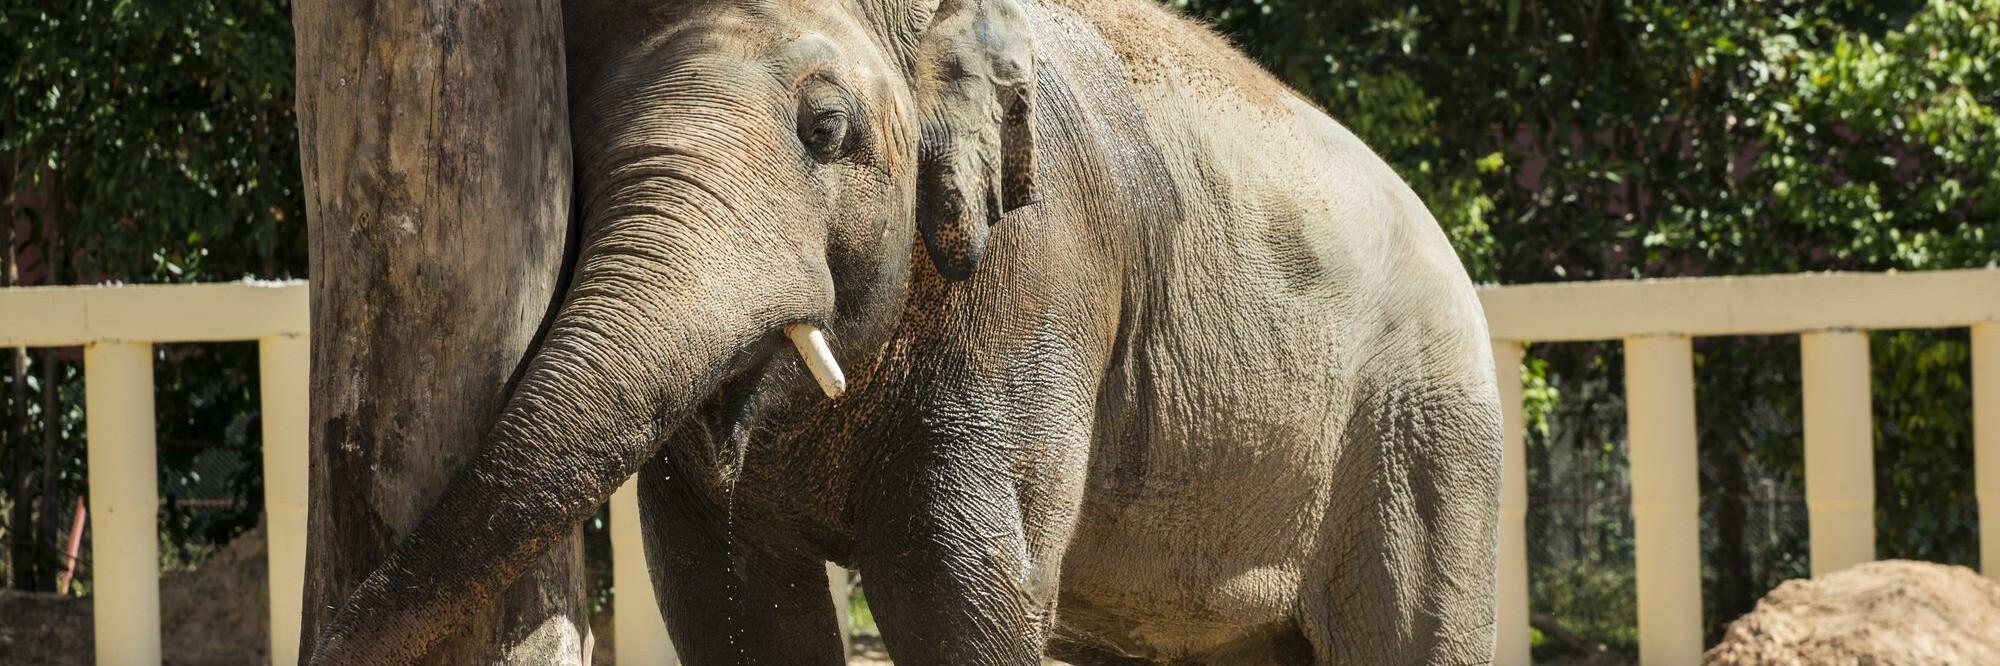 Elephant Kaavan